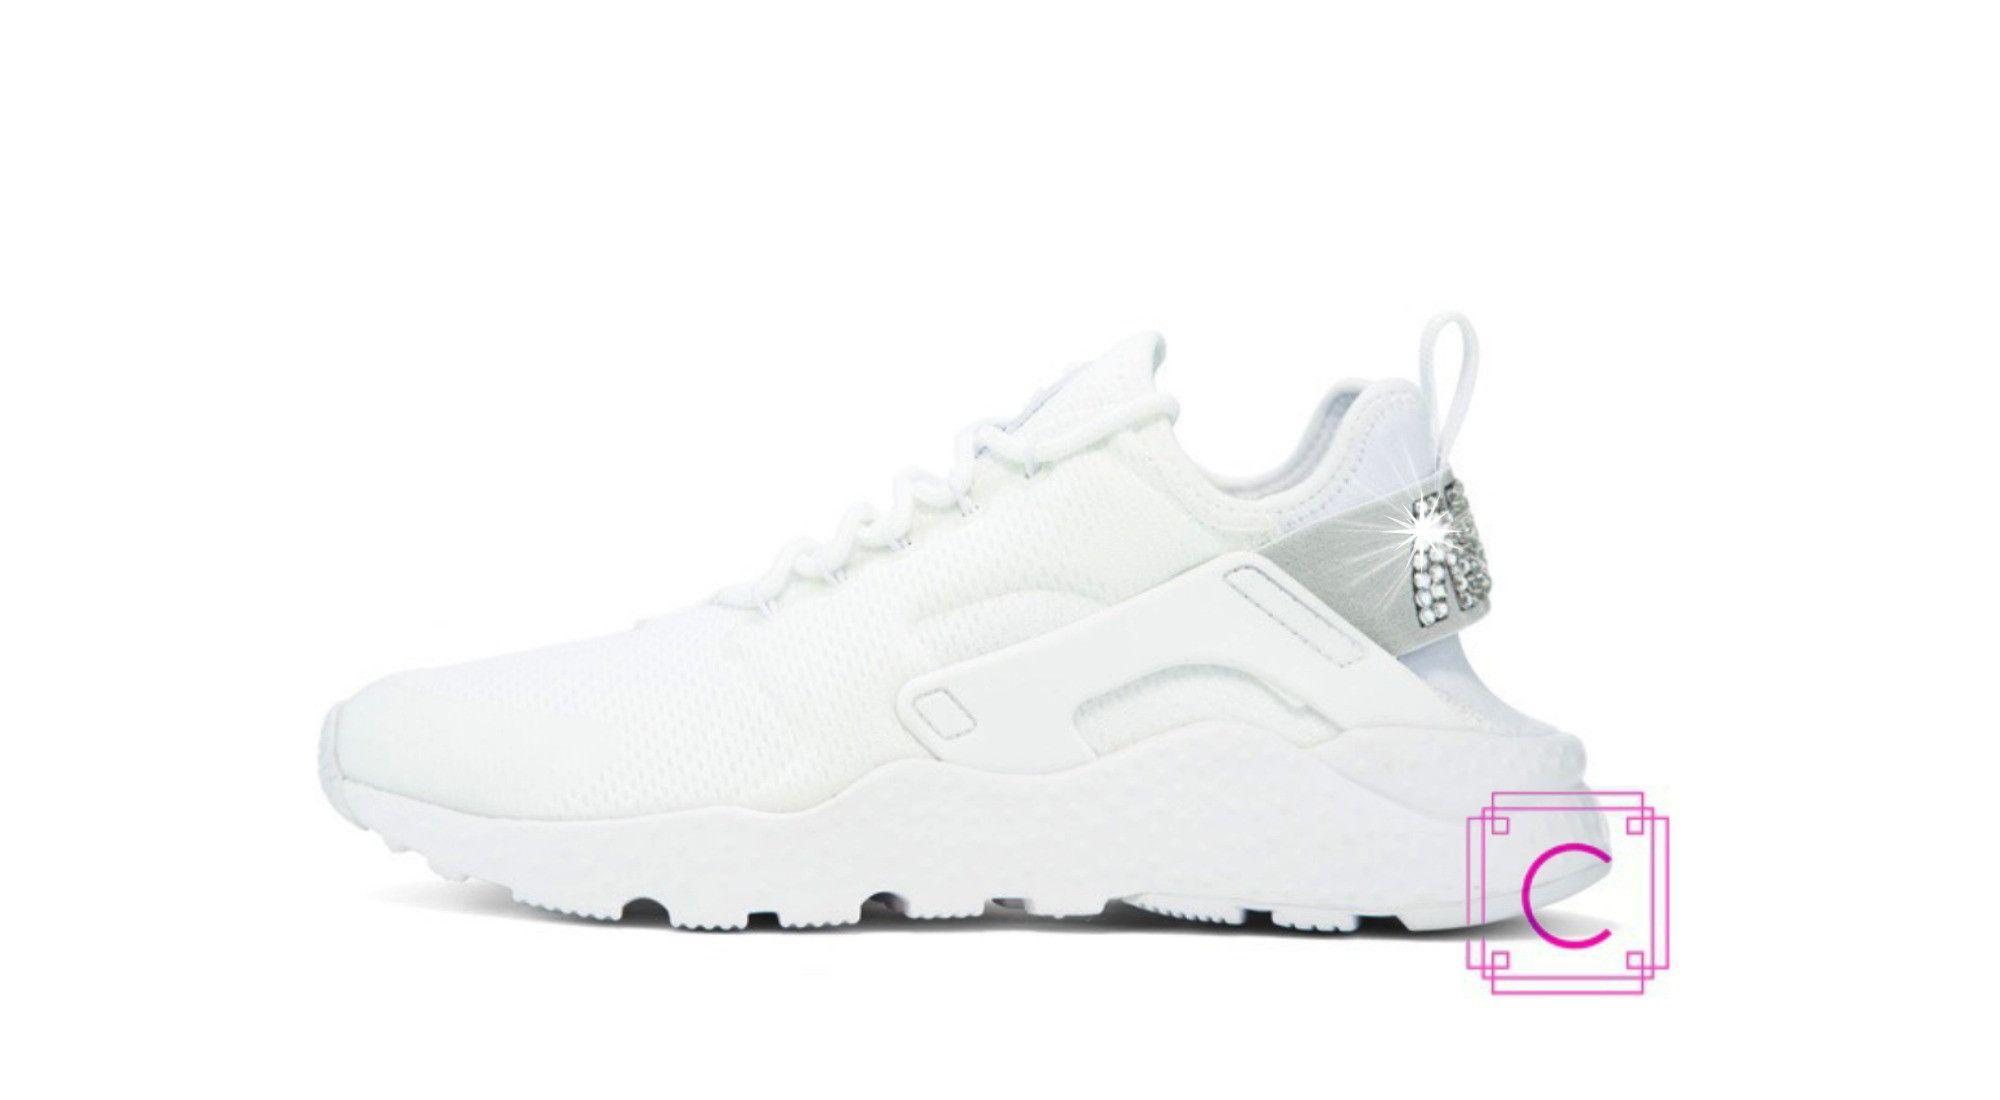 ... entire collection 2f505 d19a3 Womens Nike Air Huarache Run Ultra in  White wSWAROVSKI® Crystal deta ... a5fc9a1c4df9